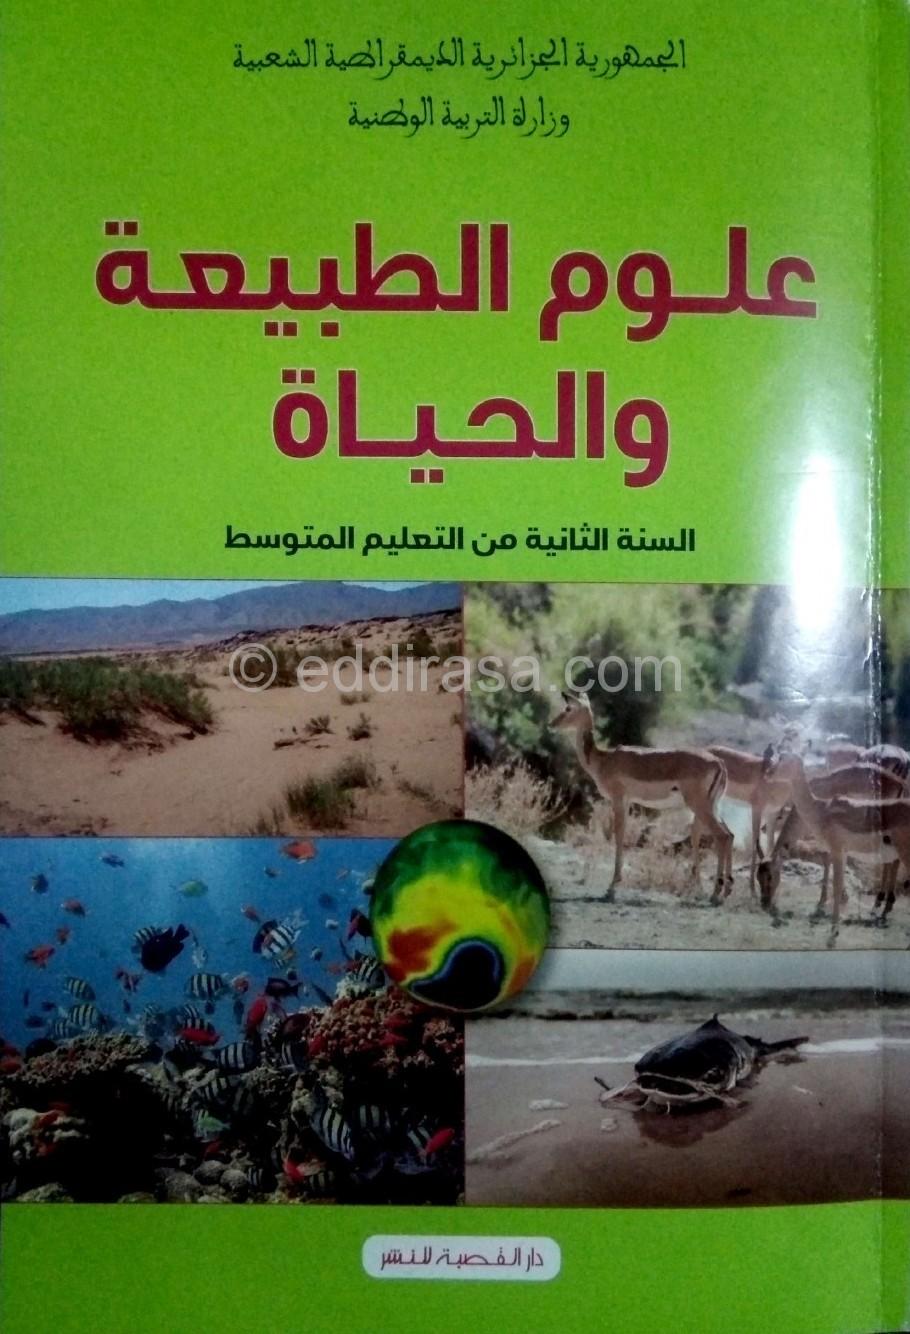 كتاب اللغة العربية للسنة الثانية متوسط pdf